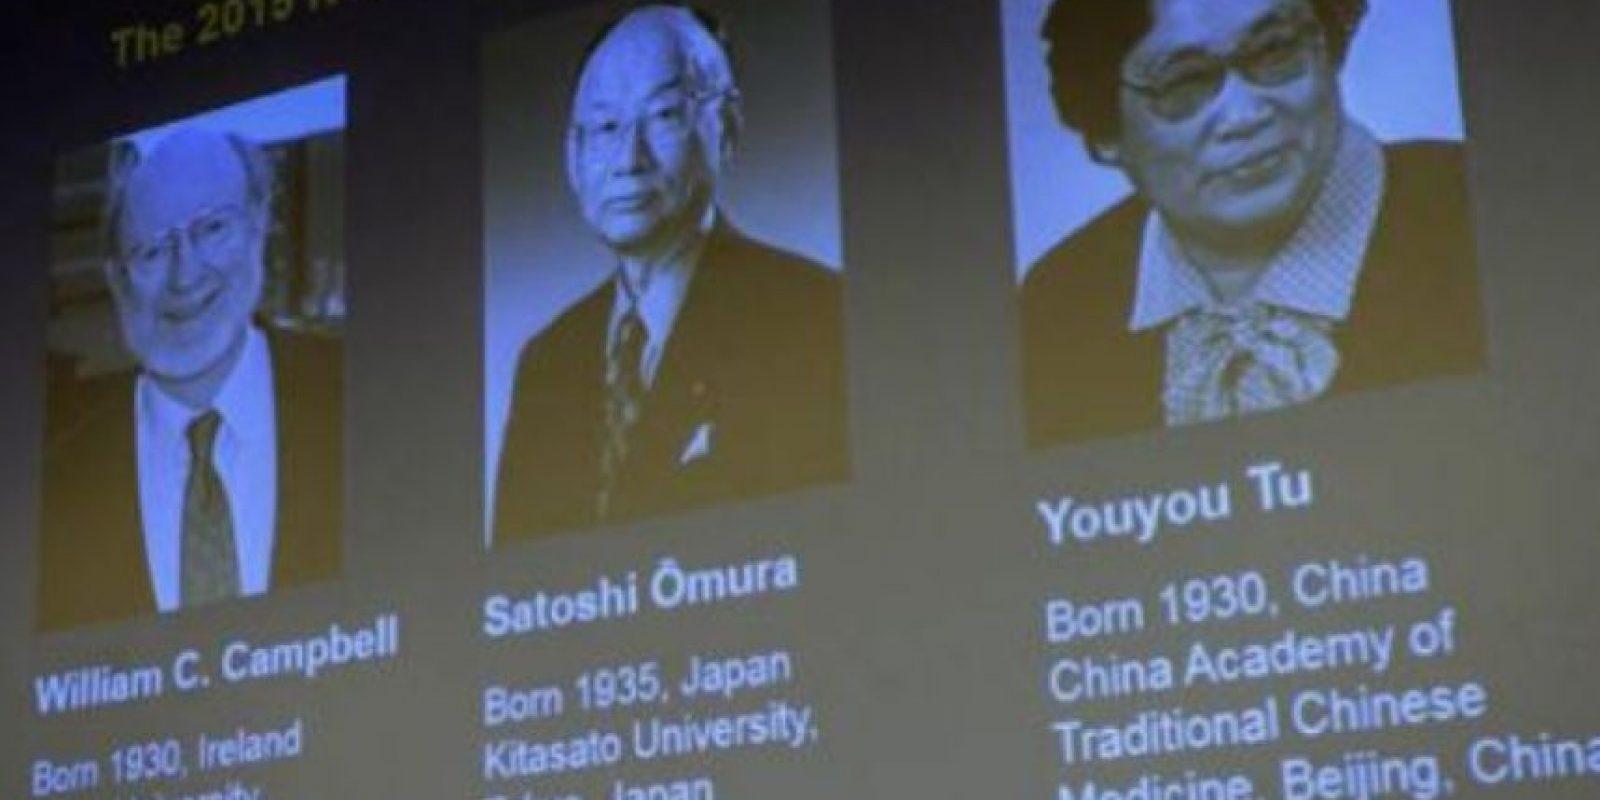 El científicos irlandés William C. Campbell, el japonés Satoshi Omura y la china Youyou Tu ganaron hoy el Premio Nobel de Medicina. Foto:Vía wiki